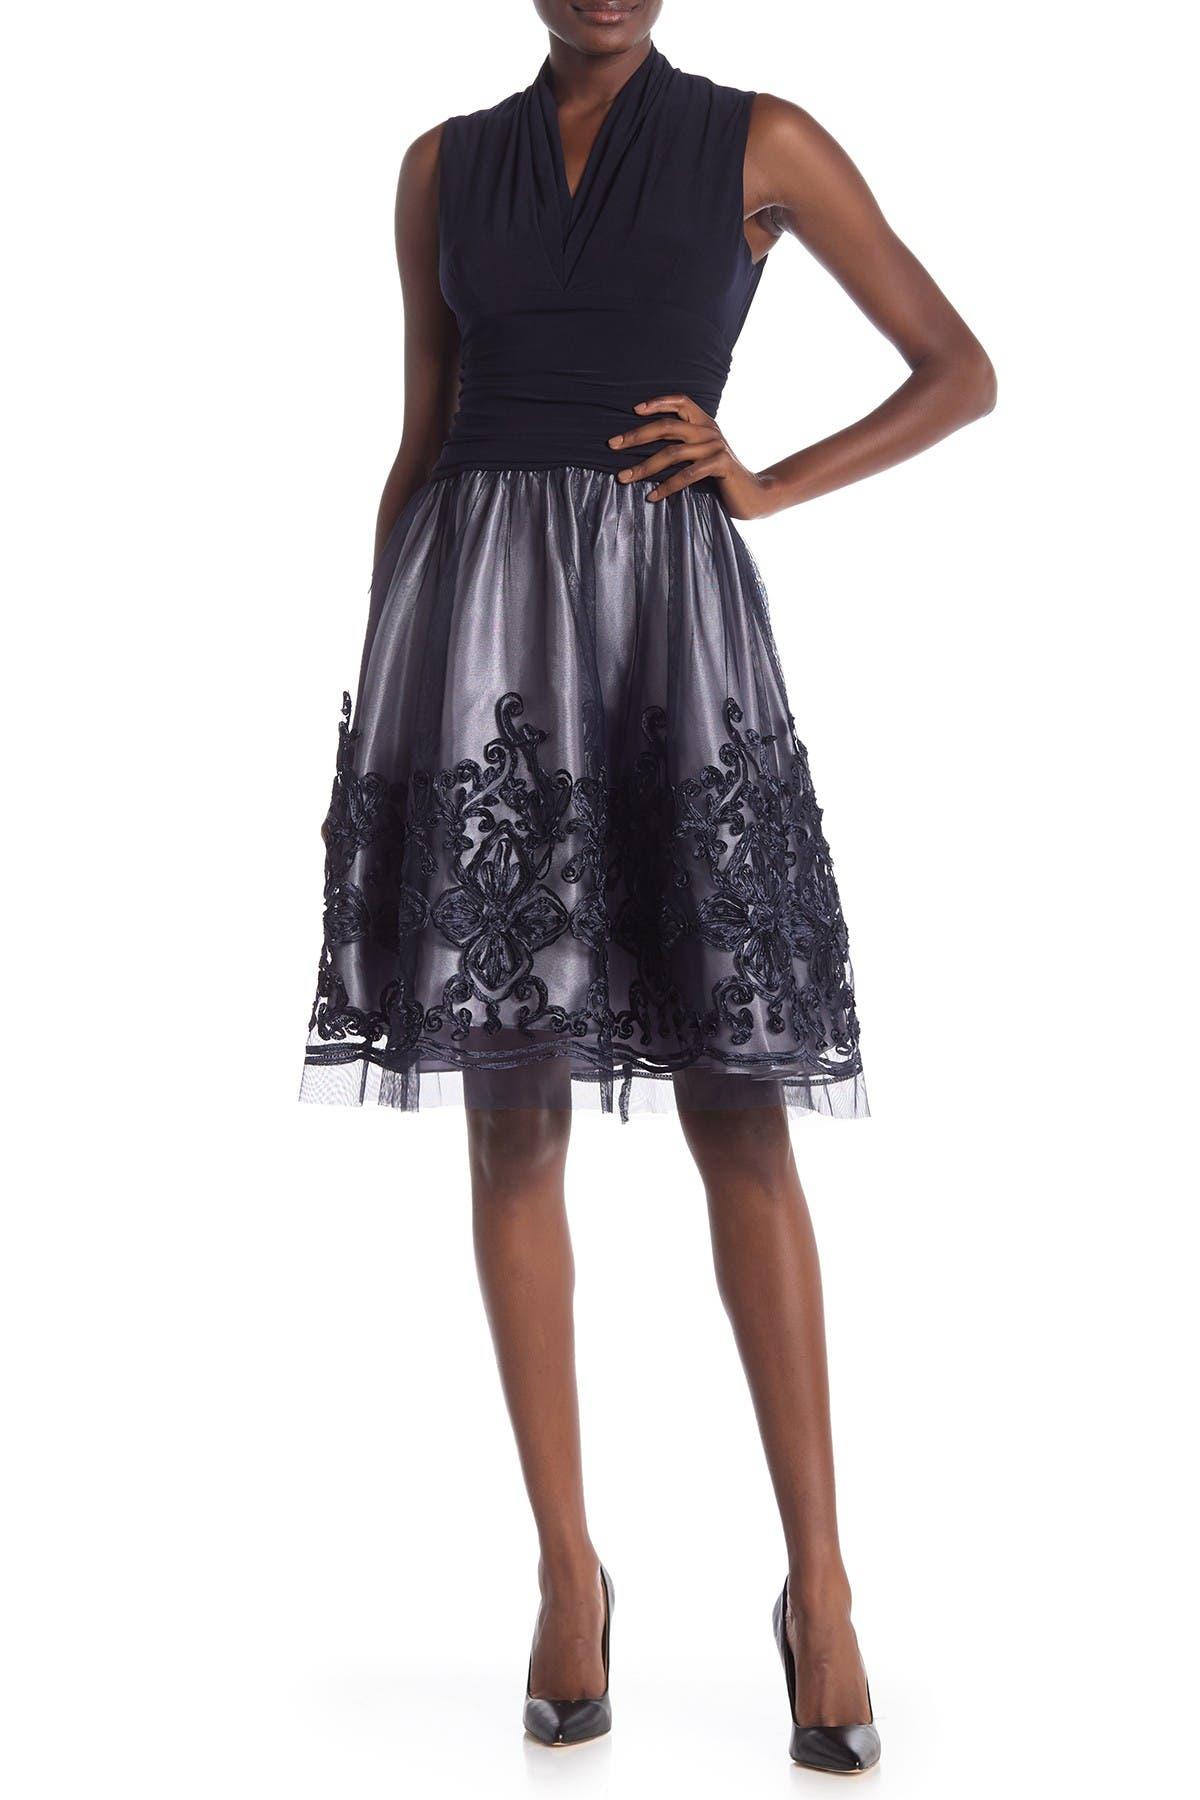 Image of SLNY Sleeveless Bordered Dress